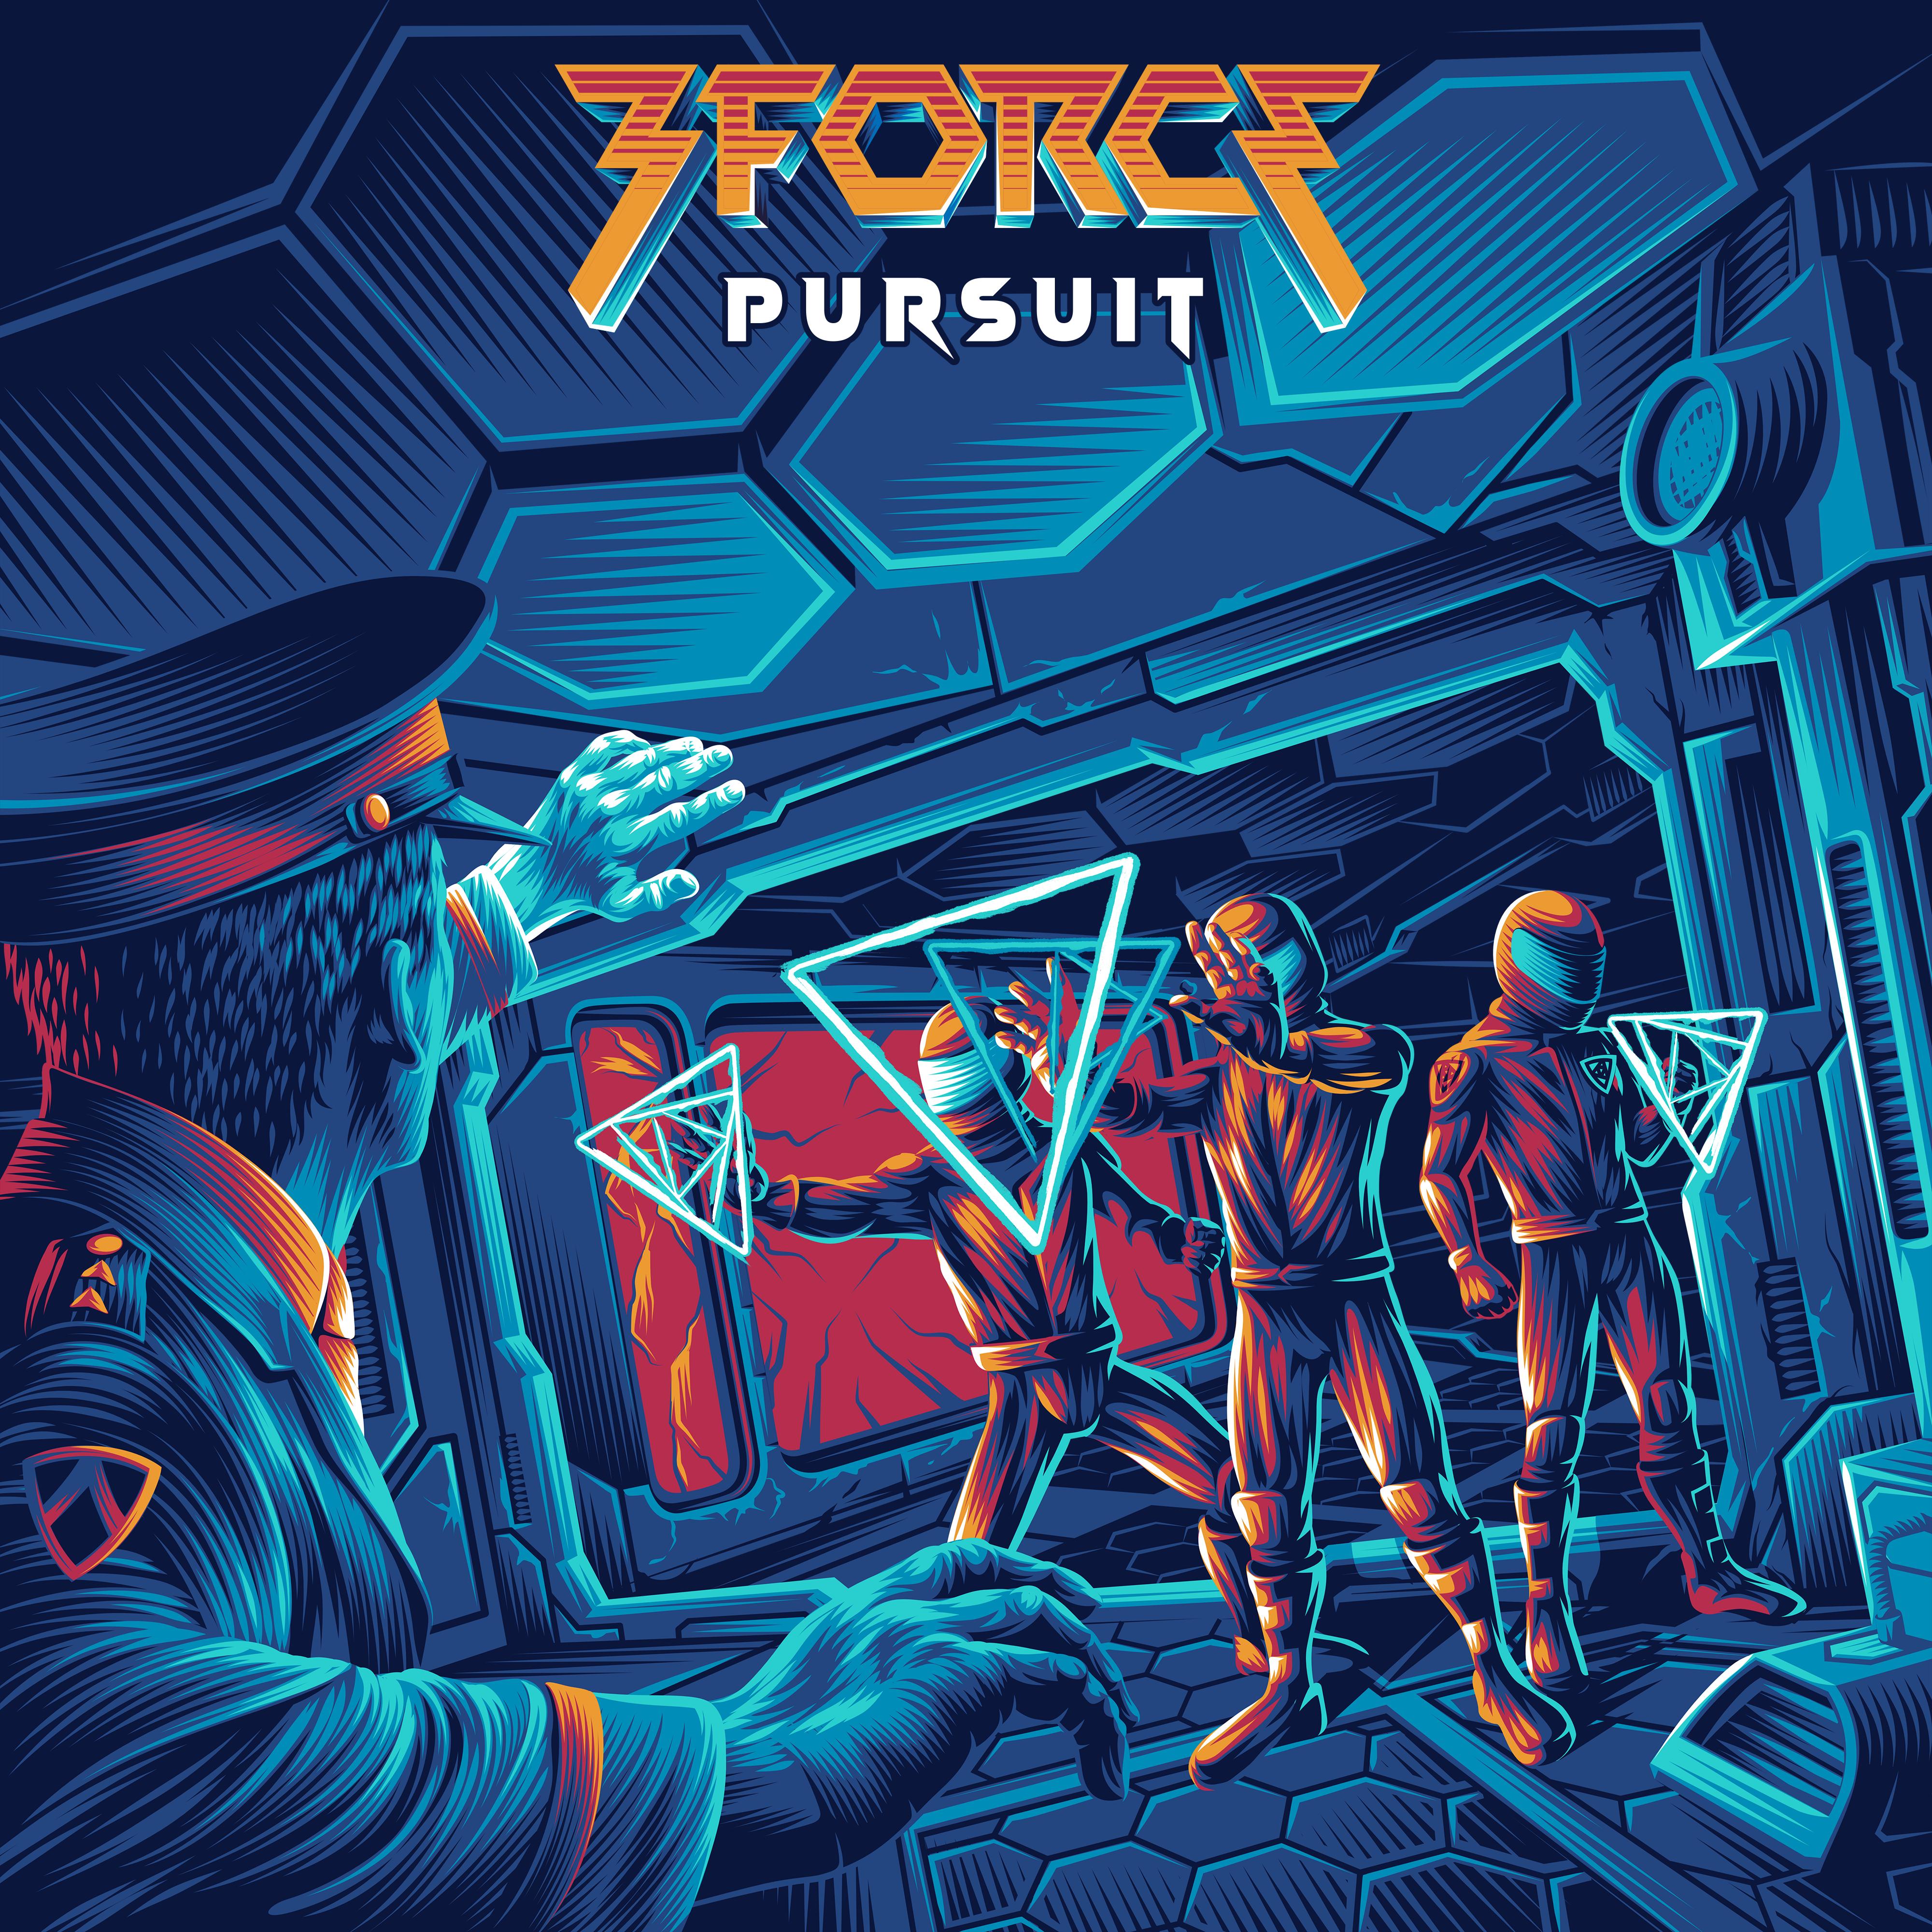 3FORCE - Pursuit (Single) Image